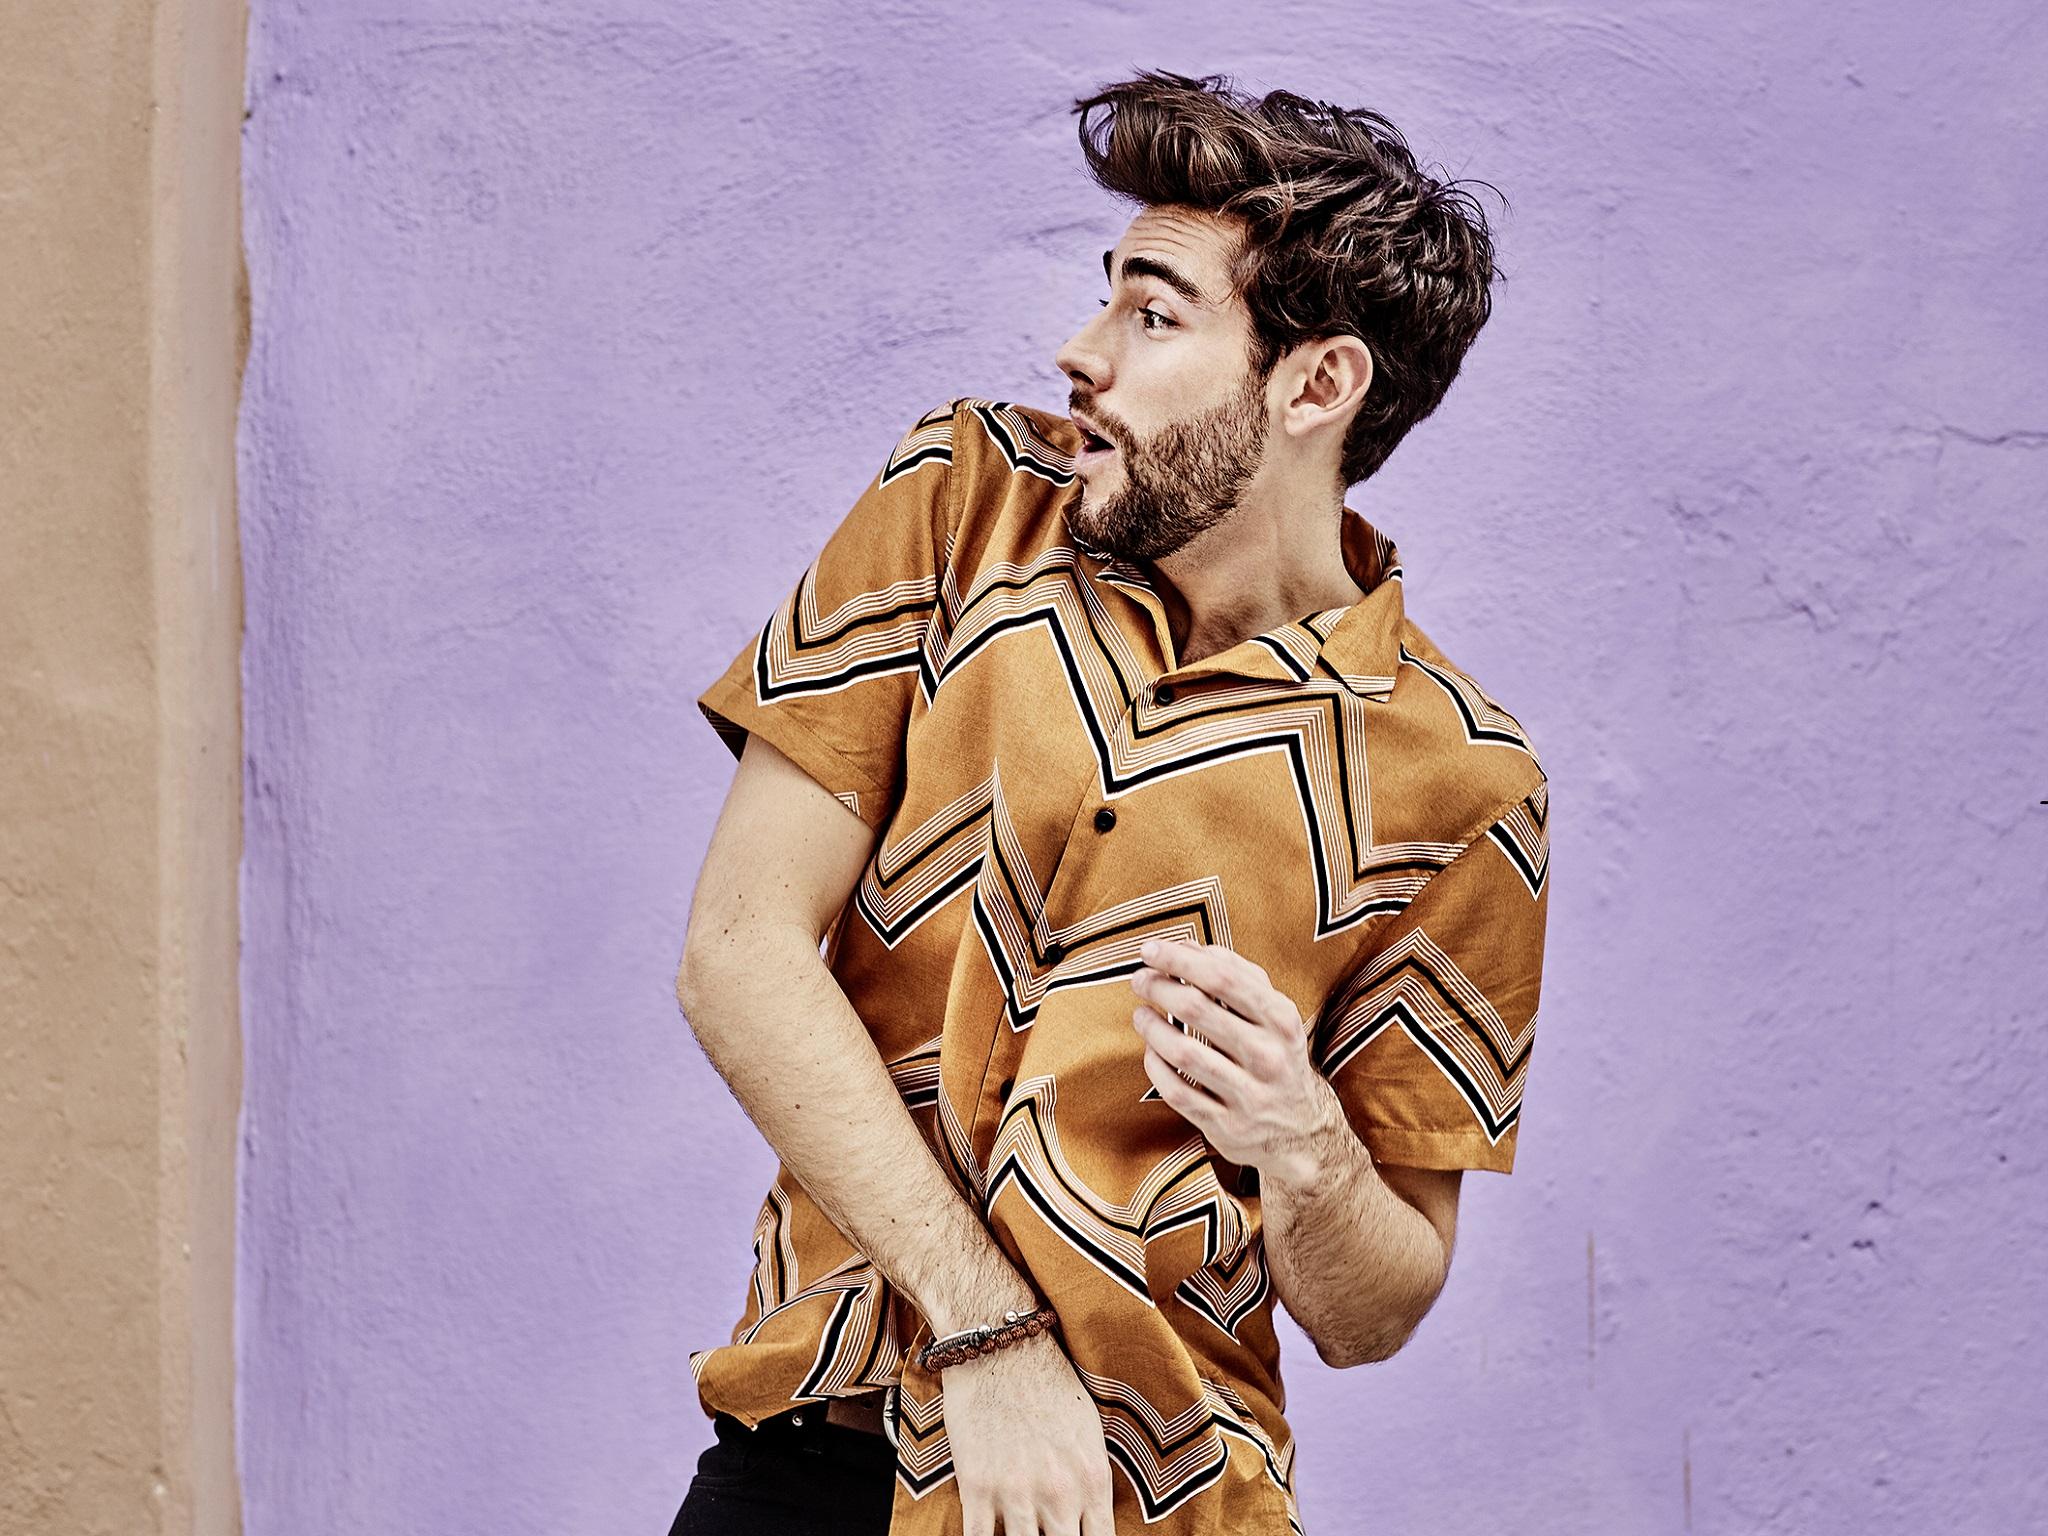 Sänger Alvaro Soler. Foto: Ben Wolf